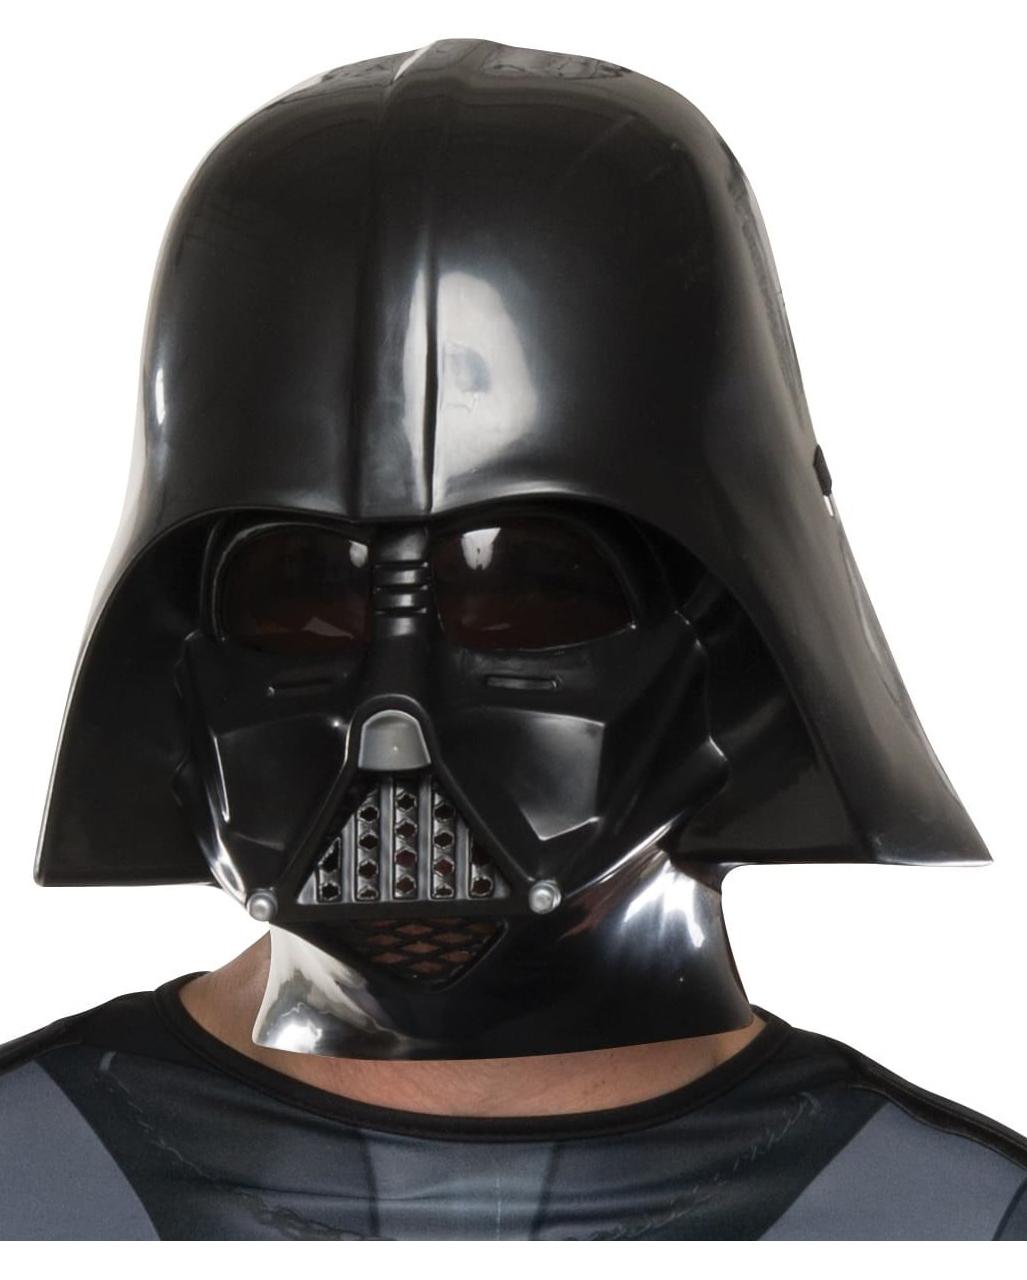 darth vader costume with mask star wars horror. Black Bedroom Furniture Sets. Home Design Ideas